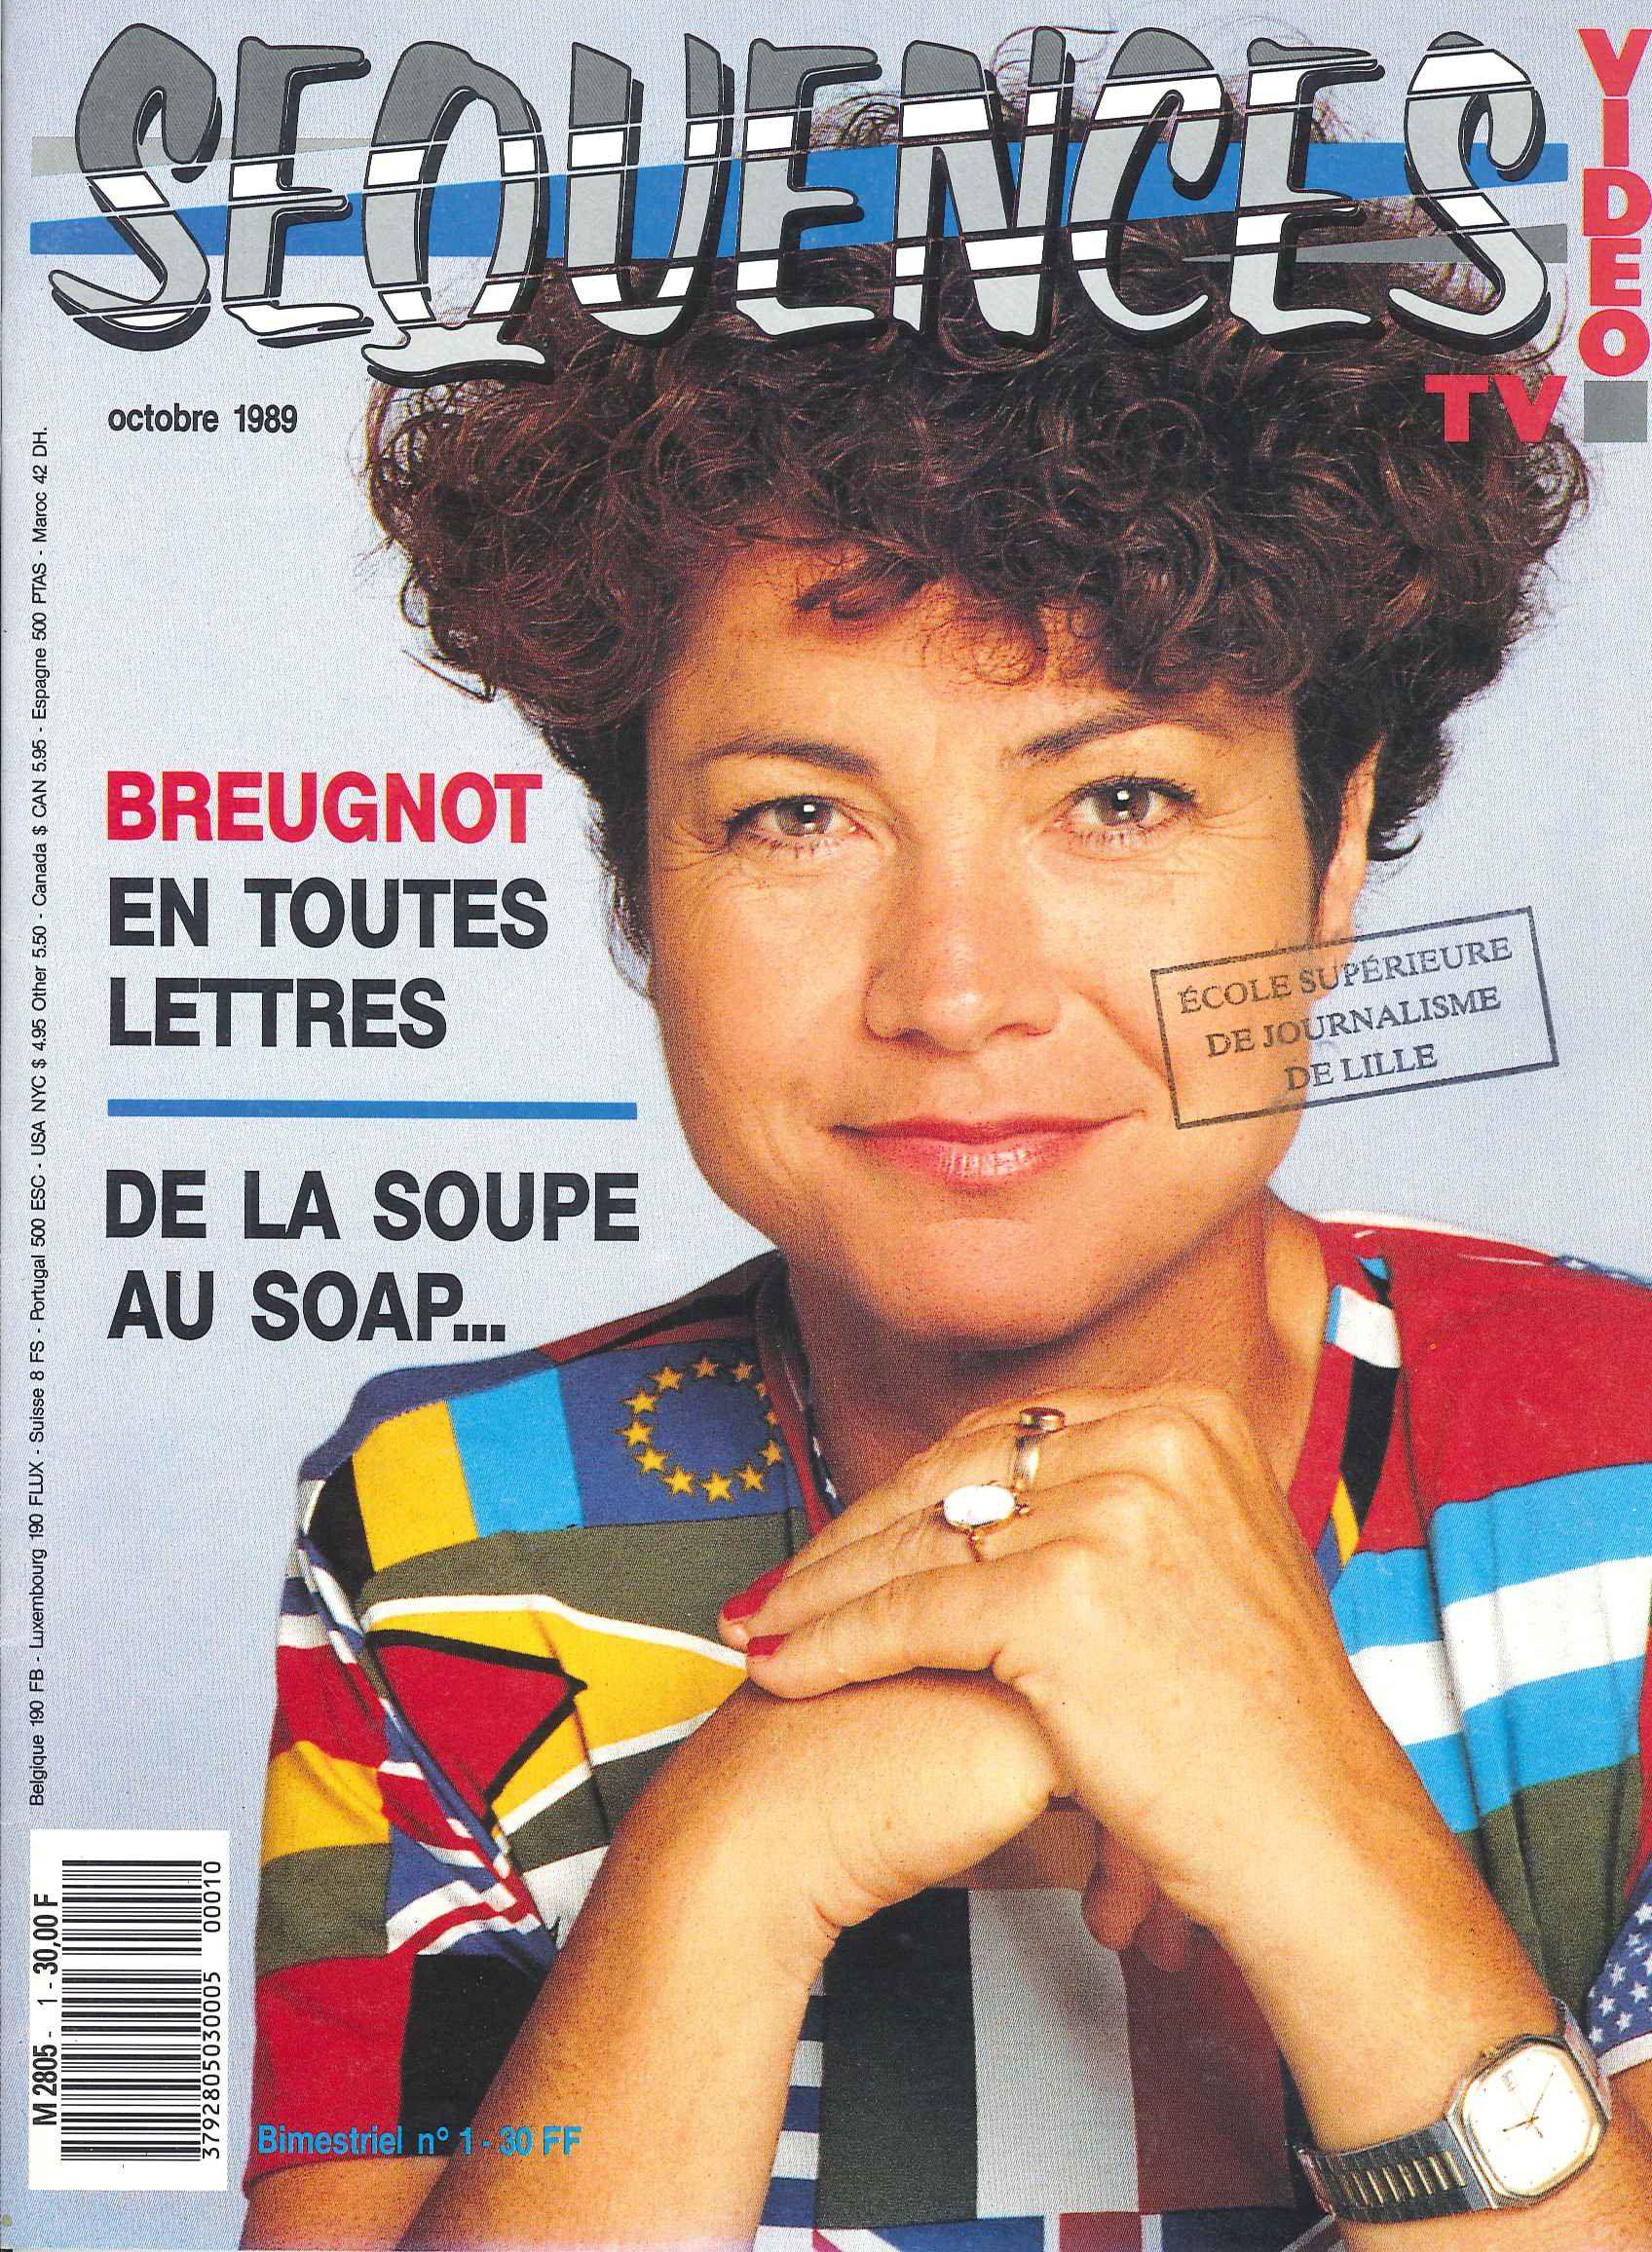 Sequences Tv Video N 1 D Octobre 1989 Ce Magazine Dirige Par Jean Francois Valeri Ne Verra La Publication Que De Onze Numeros Ecole Lettre A Lille